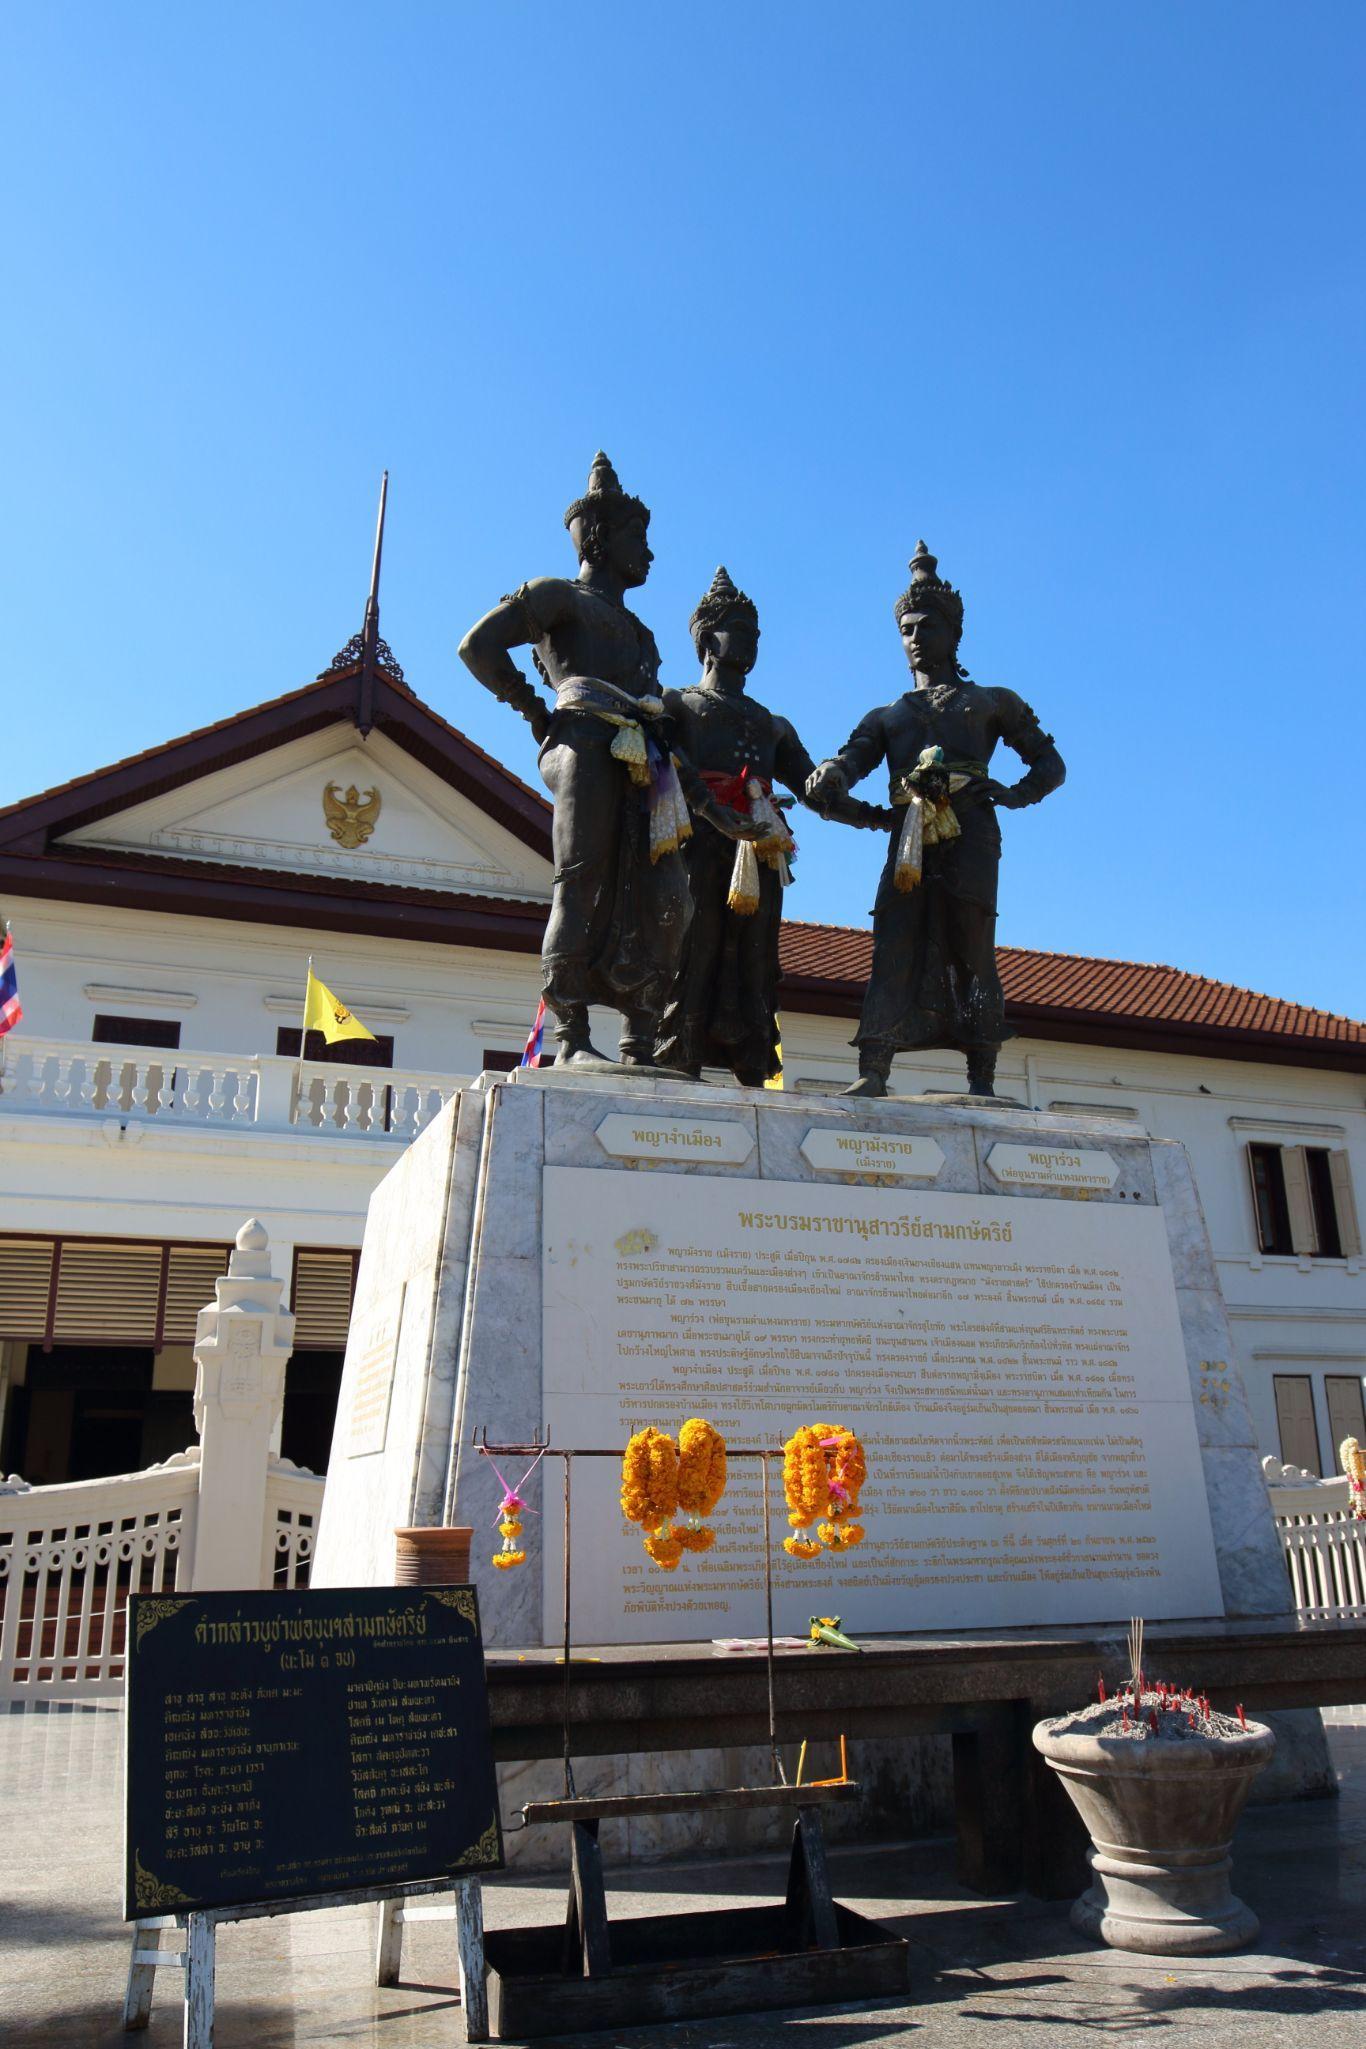 คู่มือท่องเที่ยวพระบรมราชานุสาวรีย์สามกษัตริย์ –  สถานที่ท่องเที่ยวสำคัญเชียงใหม่ – สถานที่แนะนำใกล้ พระบรมราชานุสาวรีย์สามกษัตริย์ – Trip.com